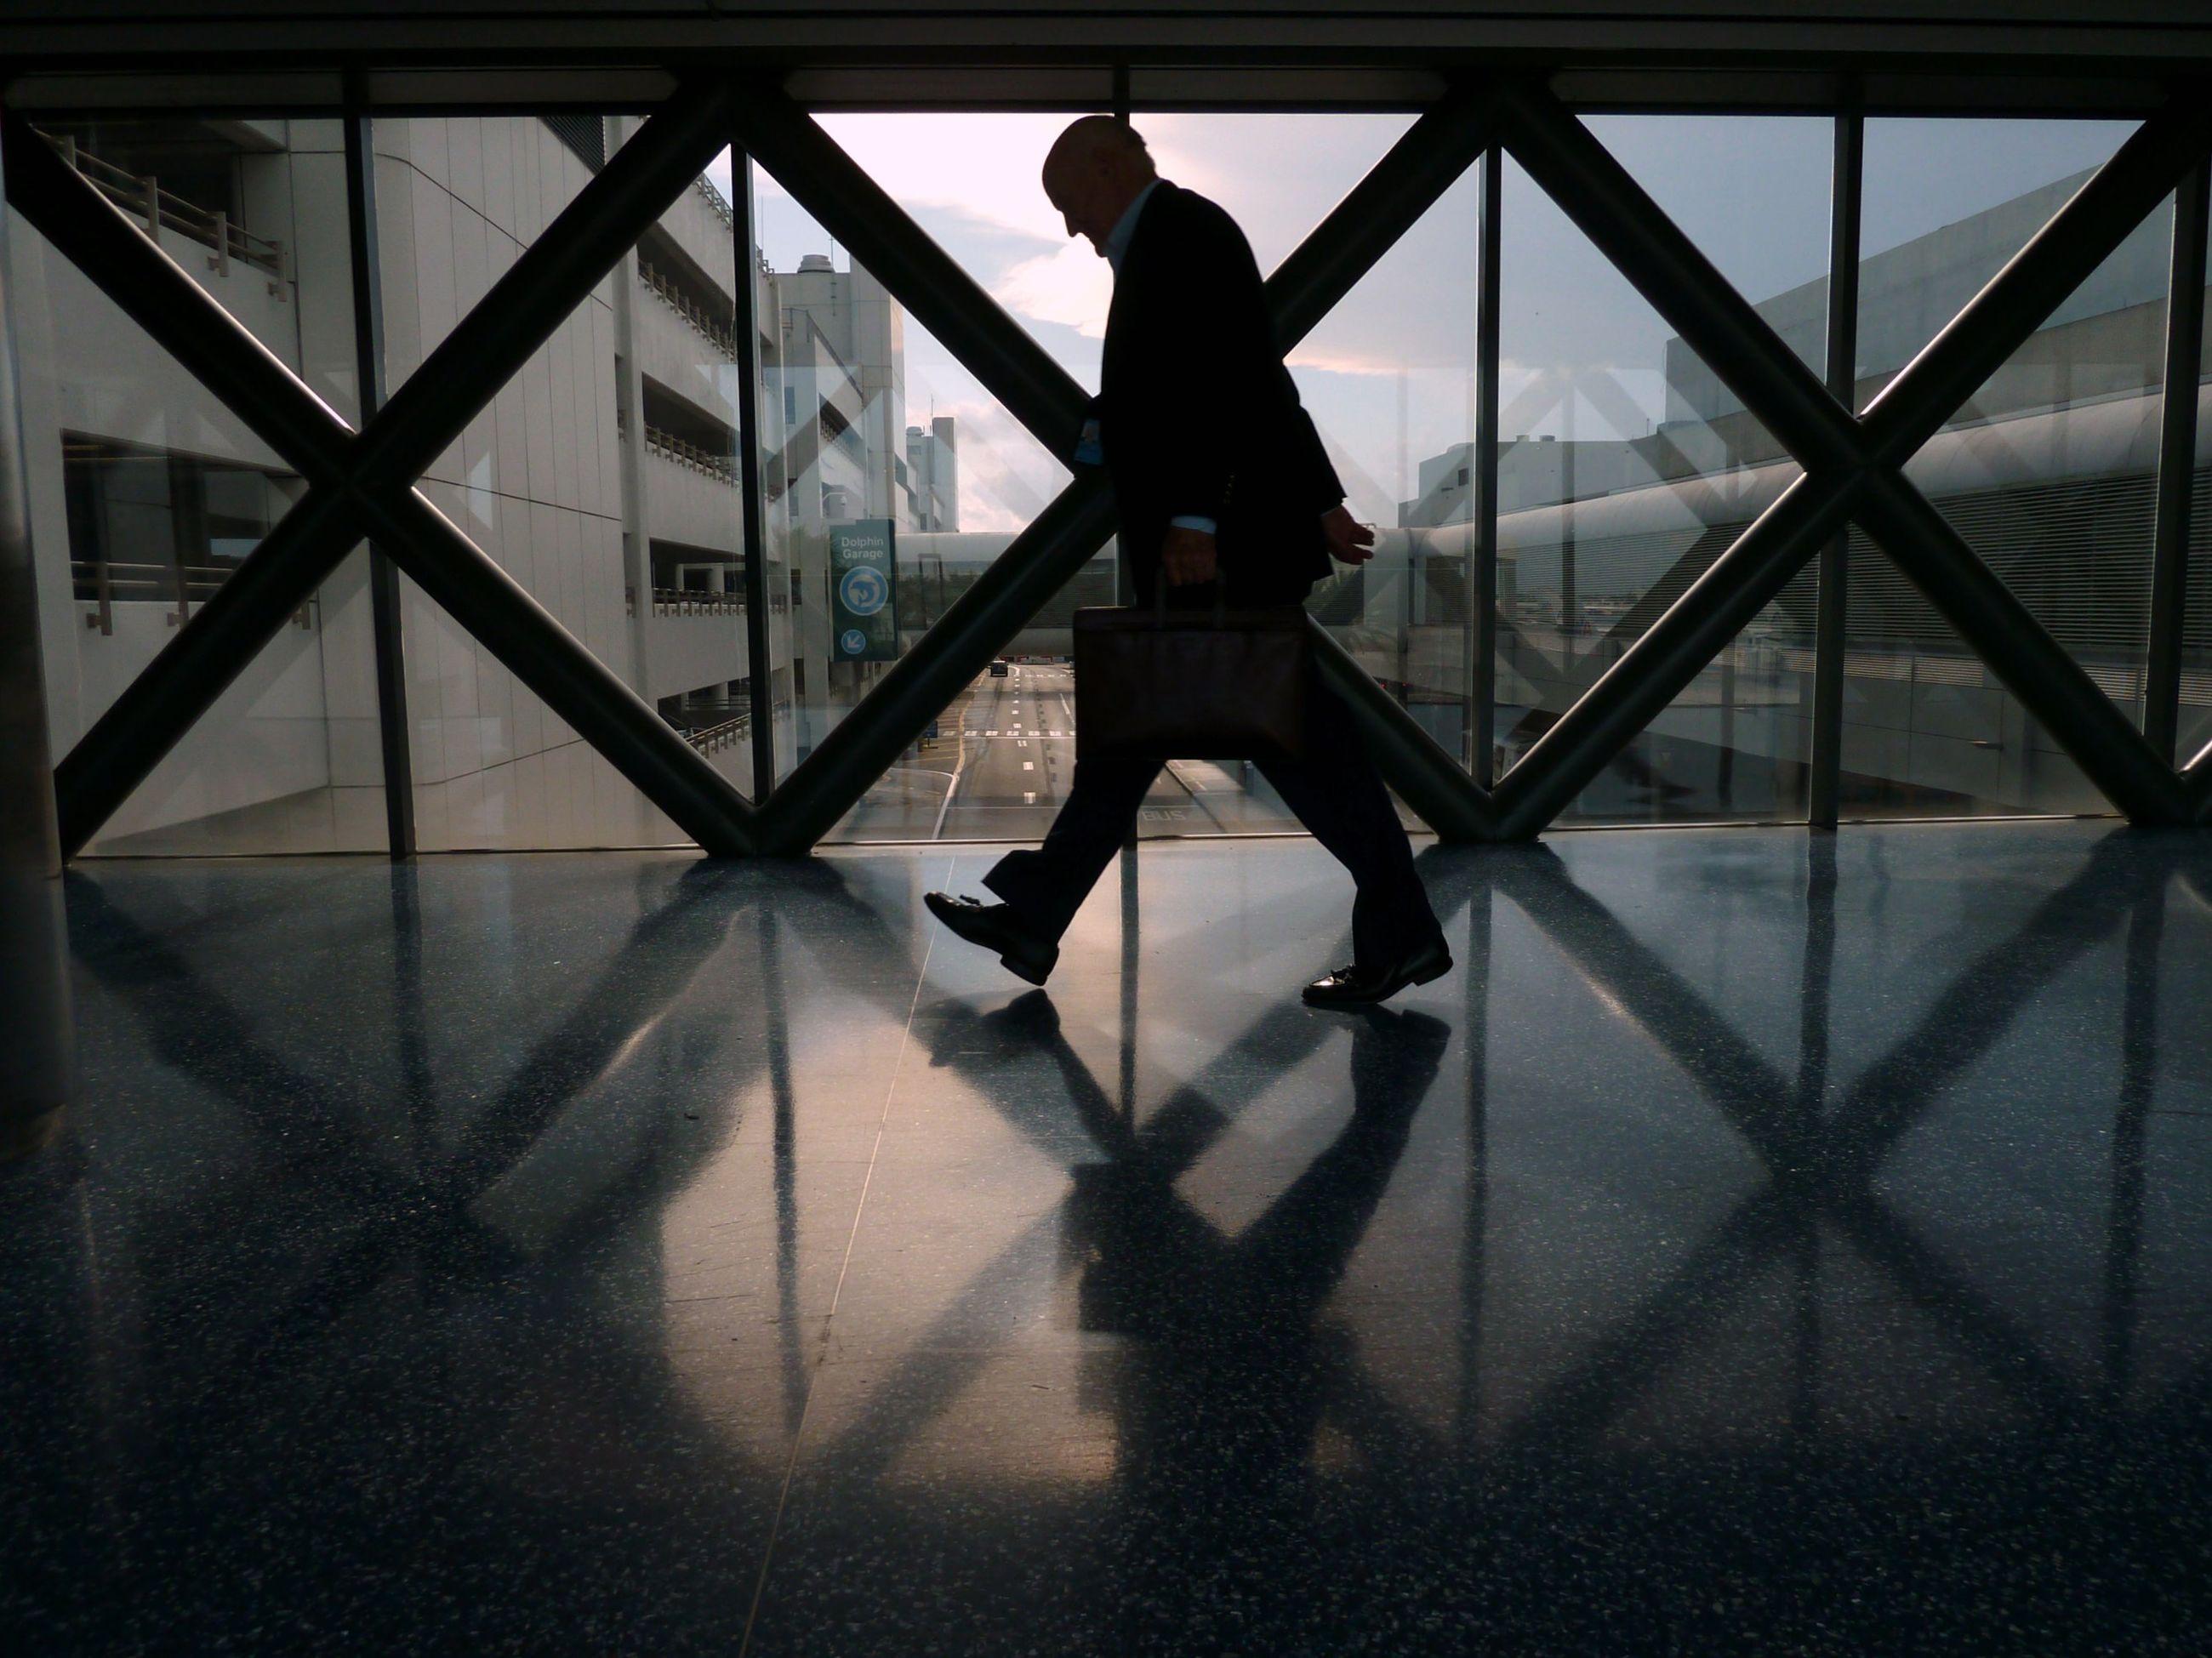 Full length on businessman walking on corridor